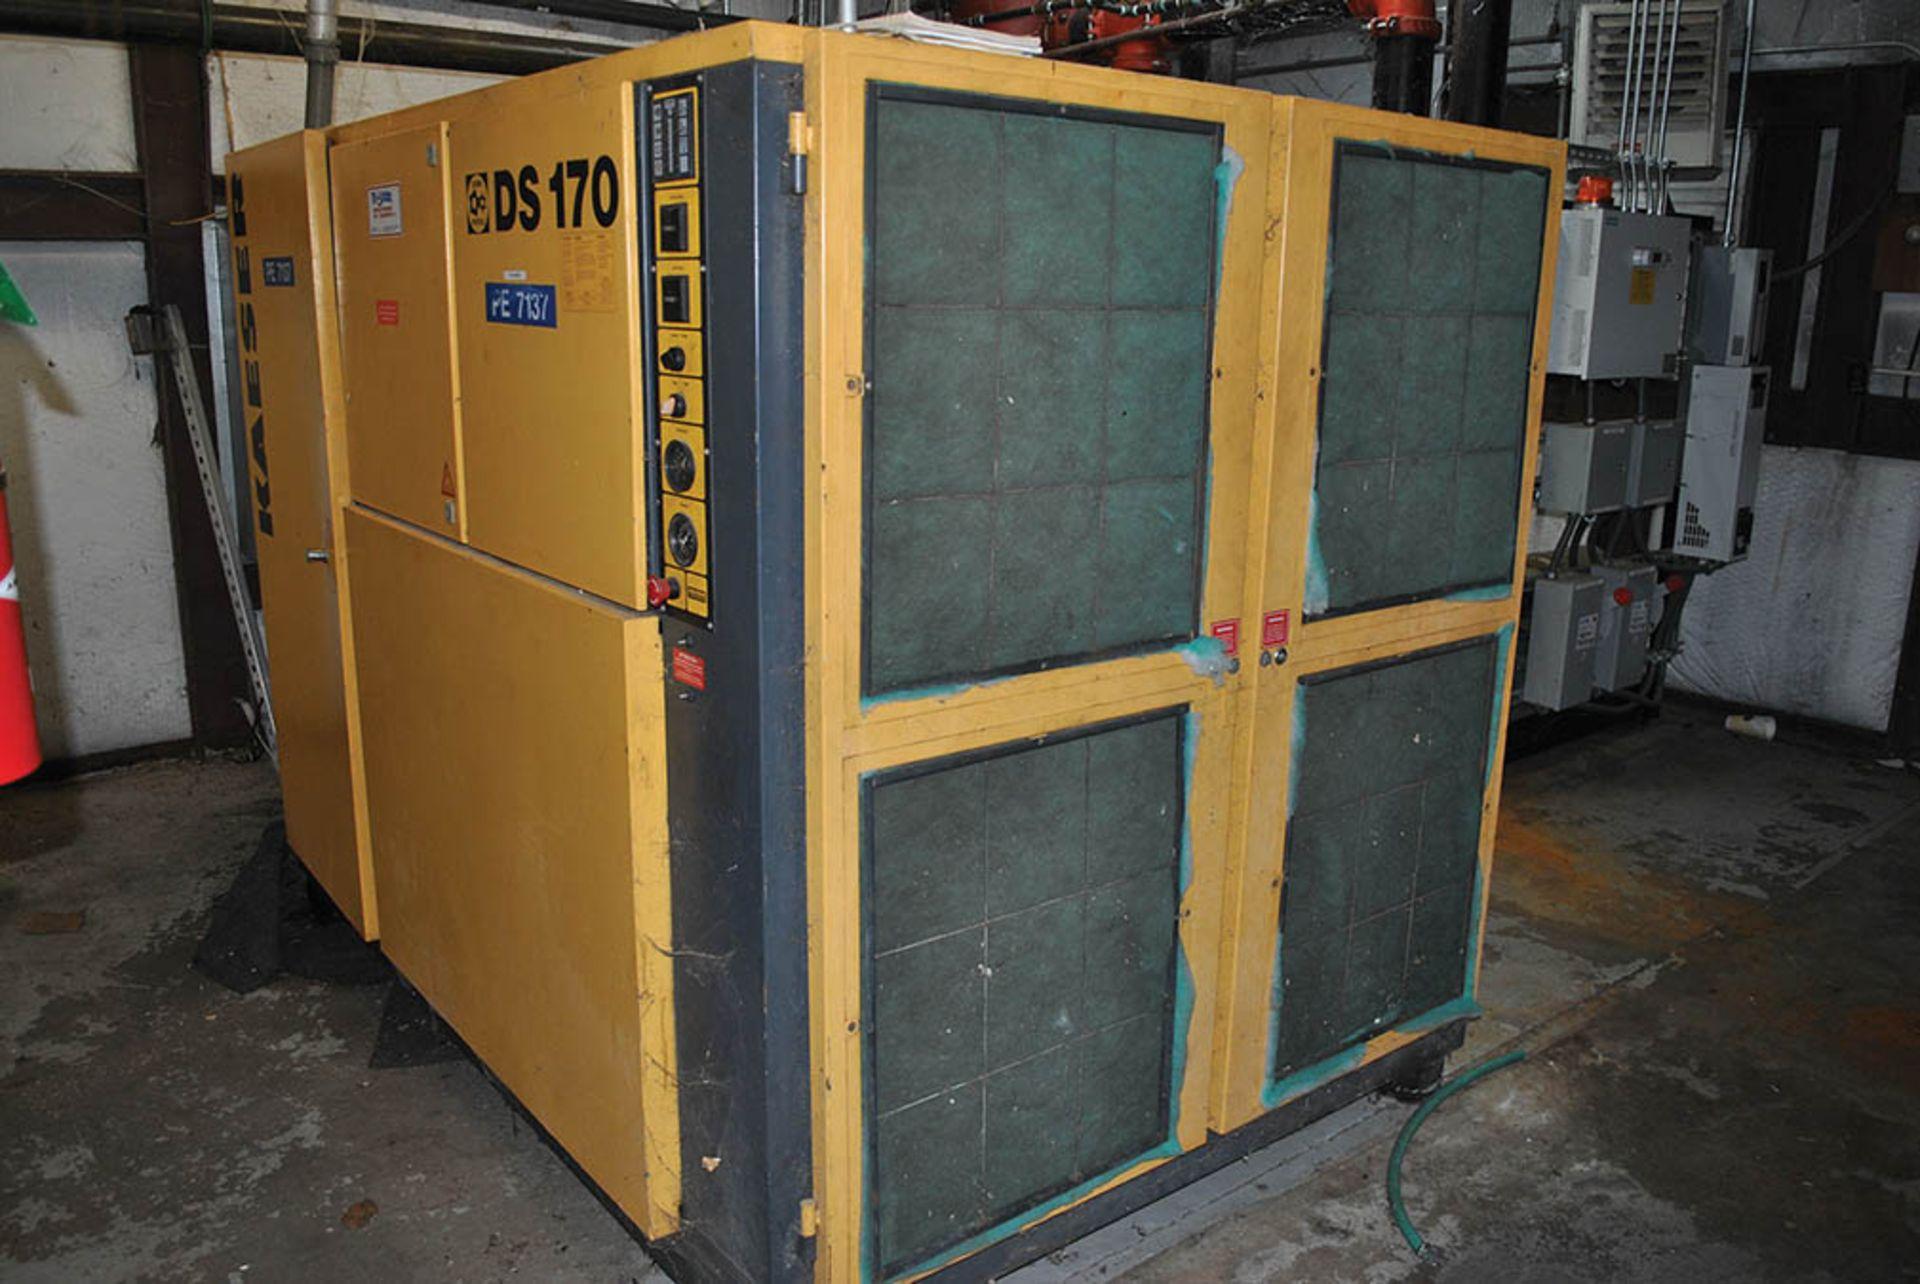 Lot 52 - KAESER 125-HP AIR COMPRESSOR, MODEL DS 170, S/N 1722684